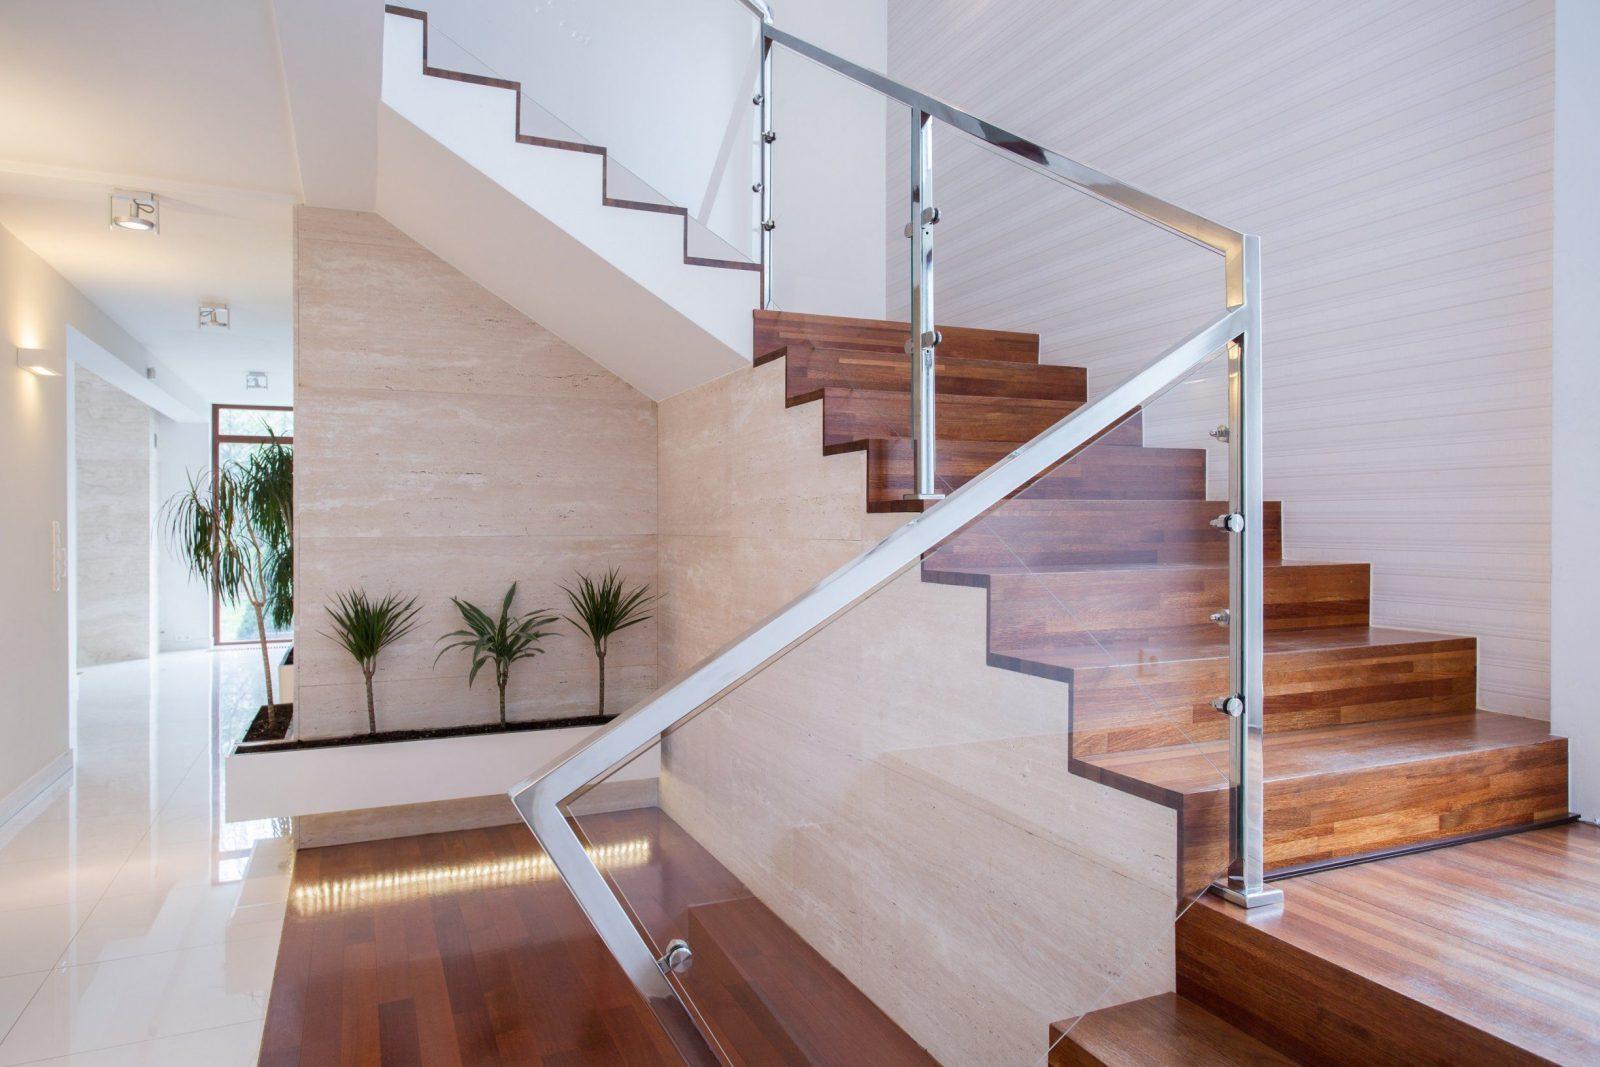 Treppenhausgestaltung Füers Einfamilienhaus 10 Ideen von Altes Treppenhaus Neu Gestalten Photo